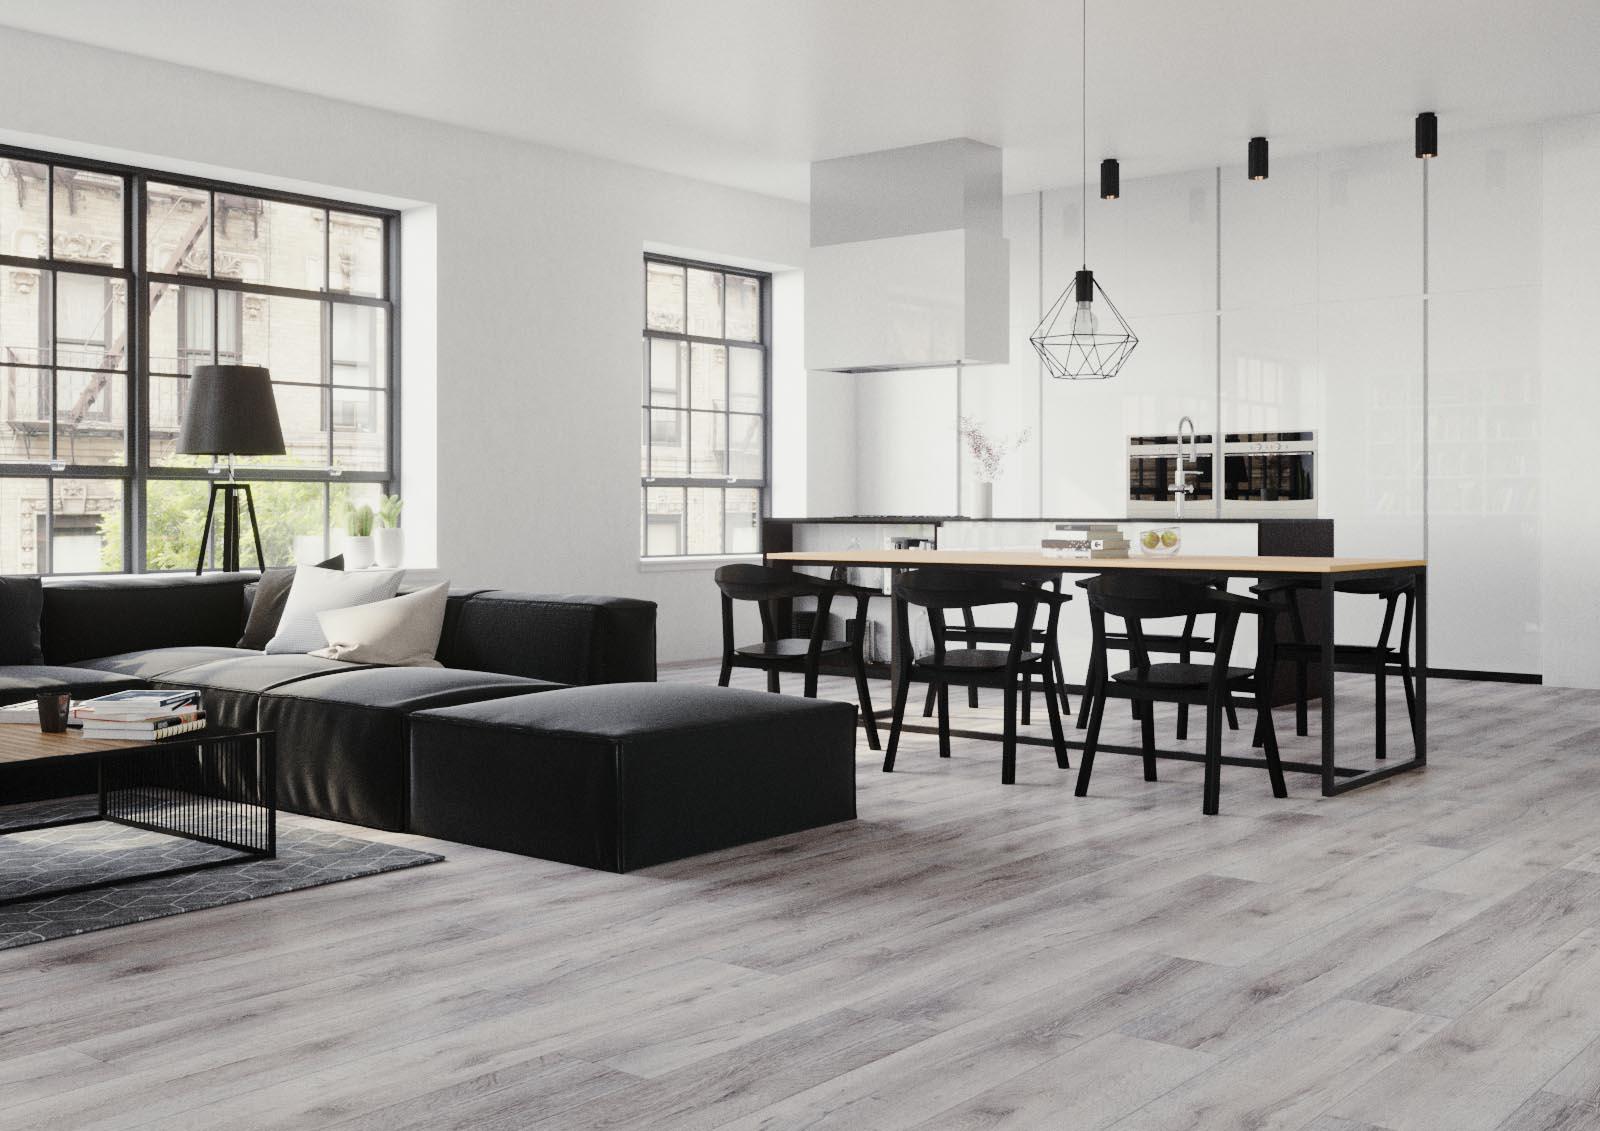 panele winylowe minimalistyczny styl